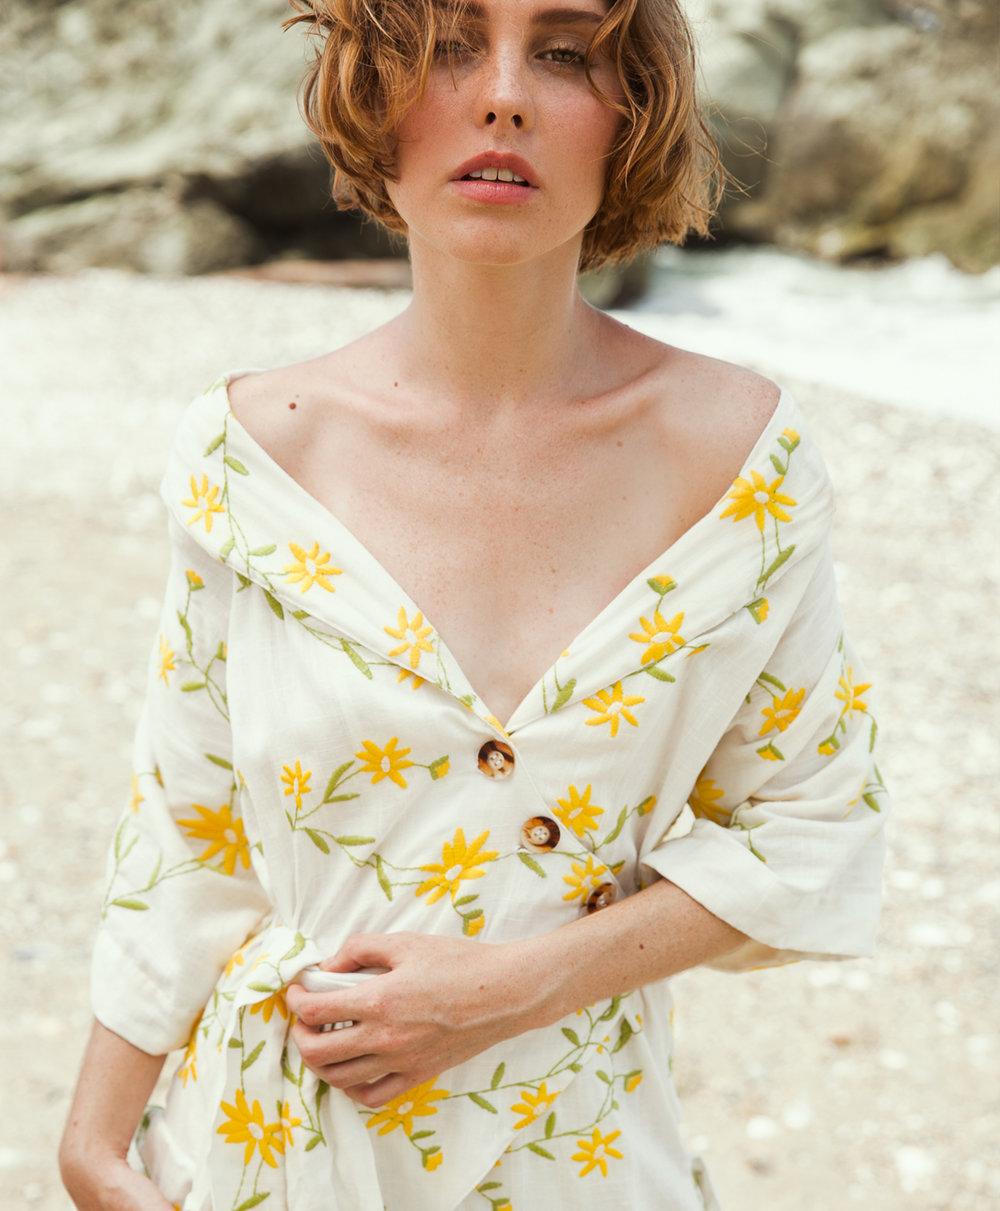 efrain_mogollon_designer_clothing_latinprovenza_collection_0012.JPG